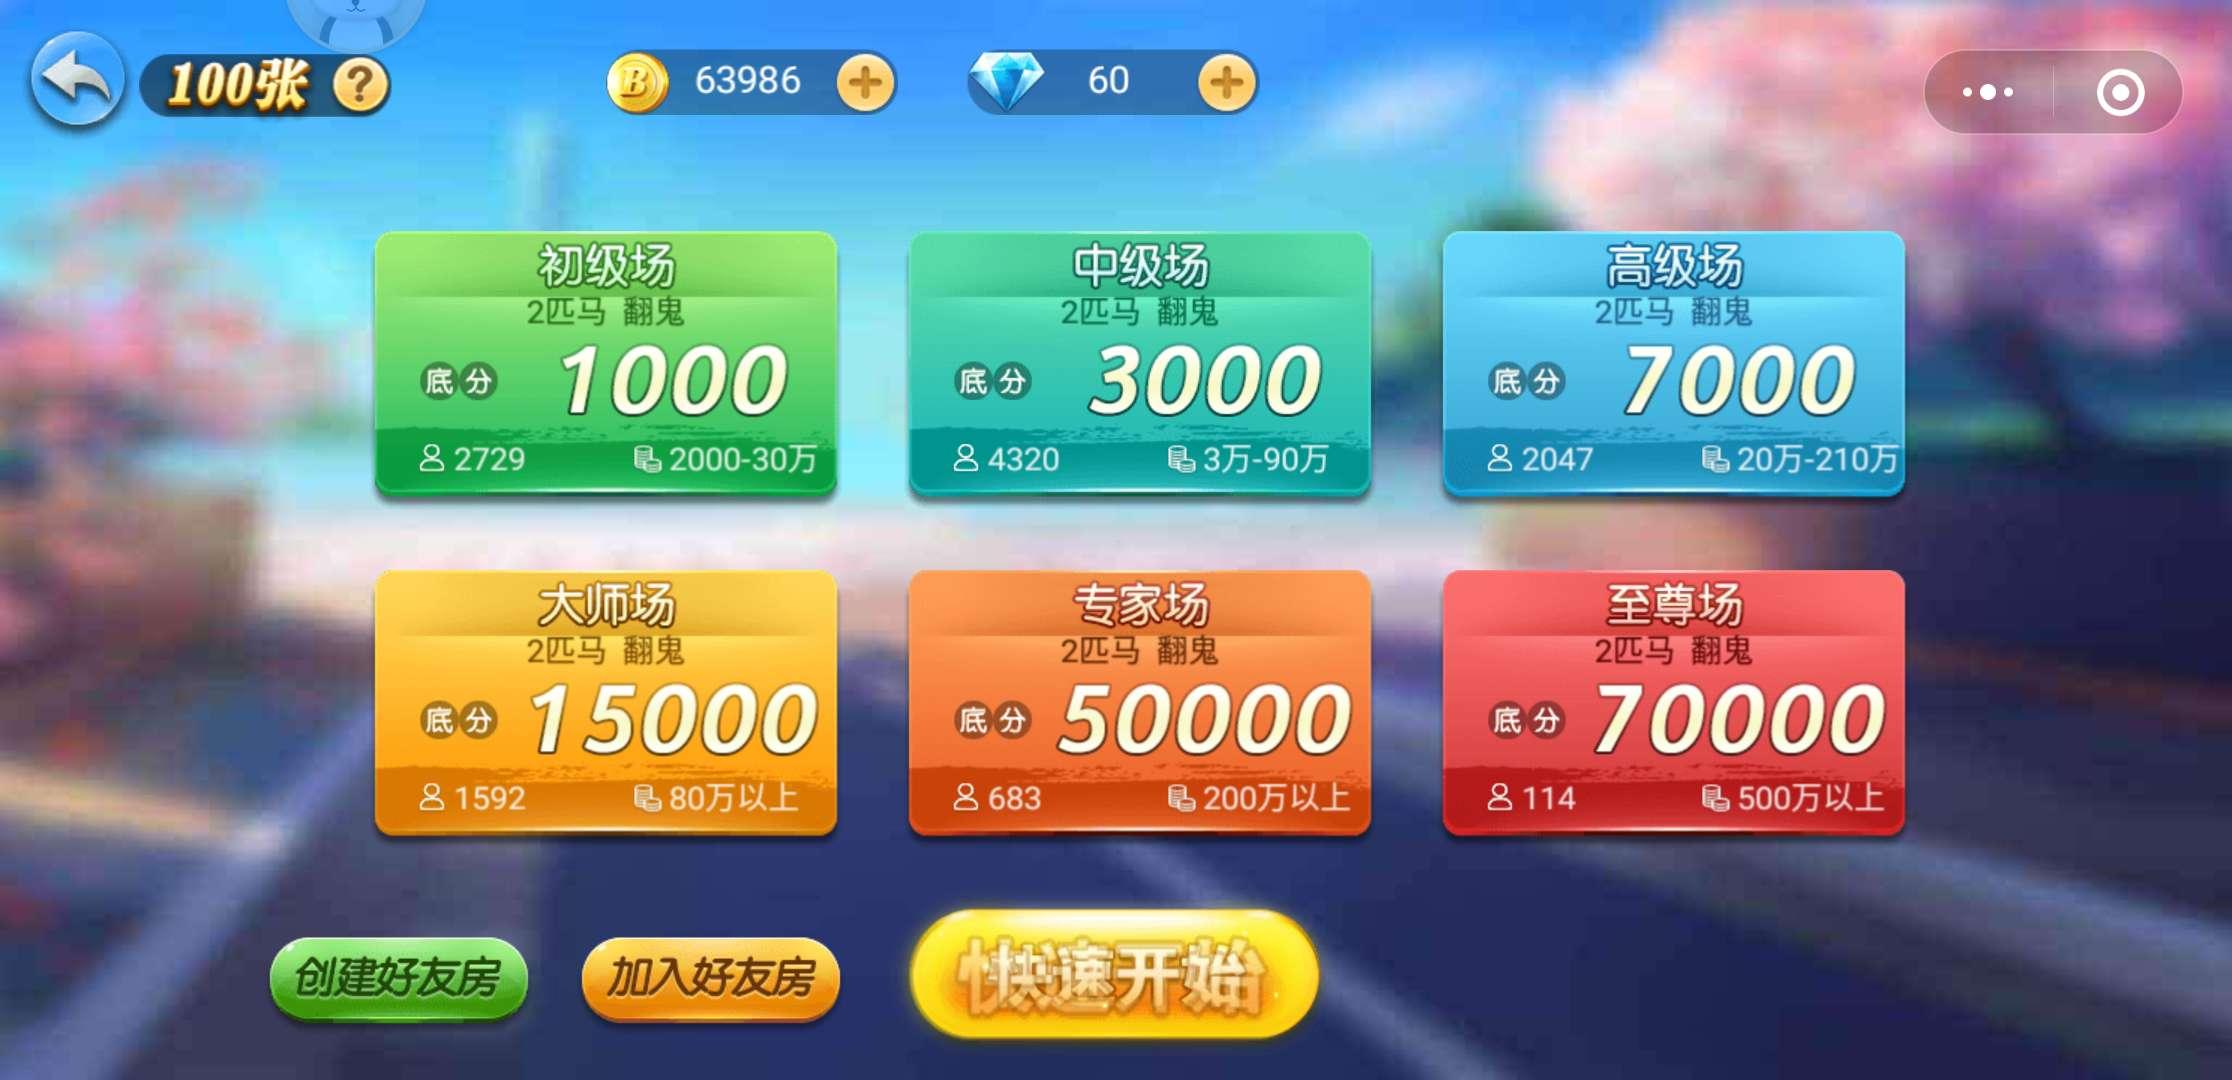 杭州棋牌游戏软件开发:棋牌开发商做到那些才算专业?